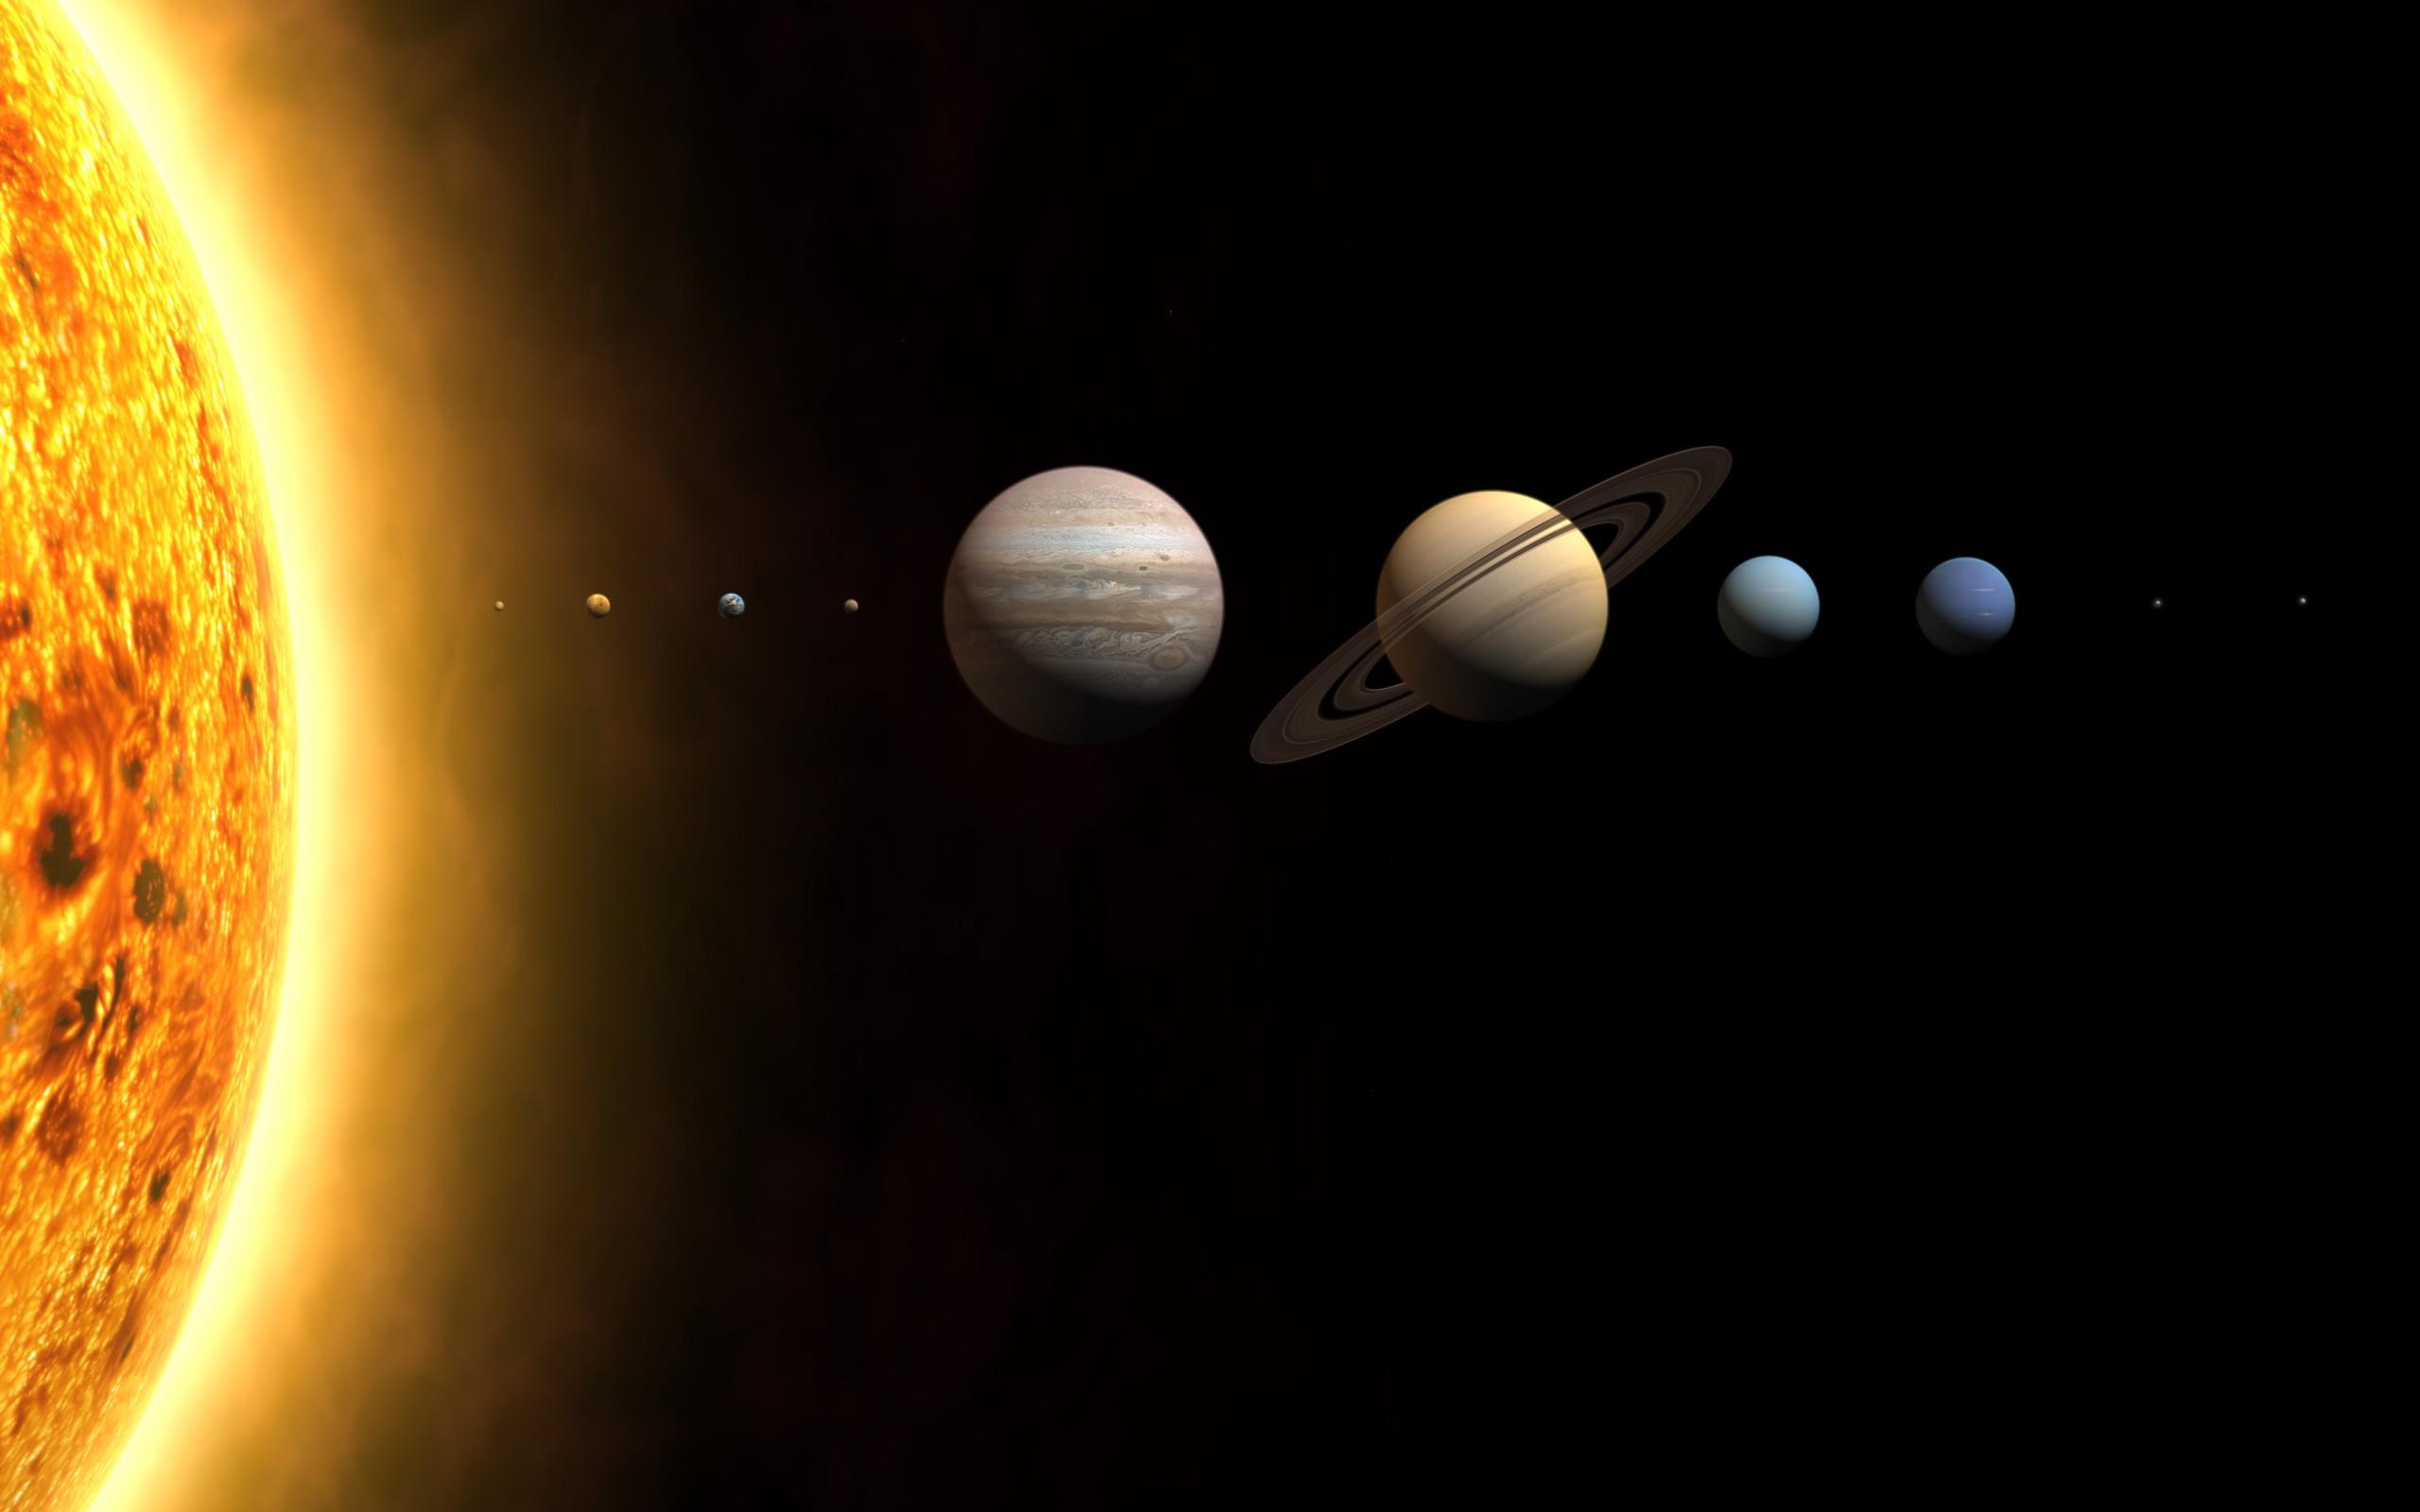 デスクトップ壁紙 夜 惑星 スペース 太陽 サークル 火星 木星 土星 天文学 光 コンピュータの壁紙 地球の雰囲気 宇宙空間 天体 2560x1600 Ludendorf デスクトップ壁紙 Wallhere